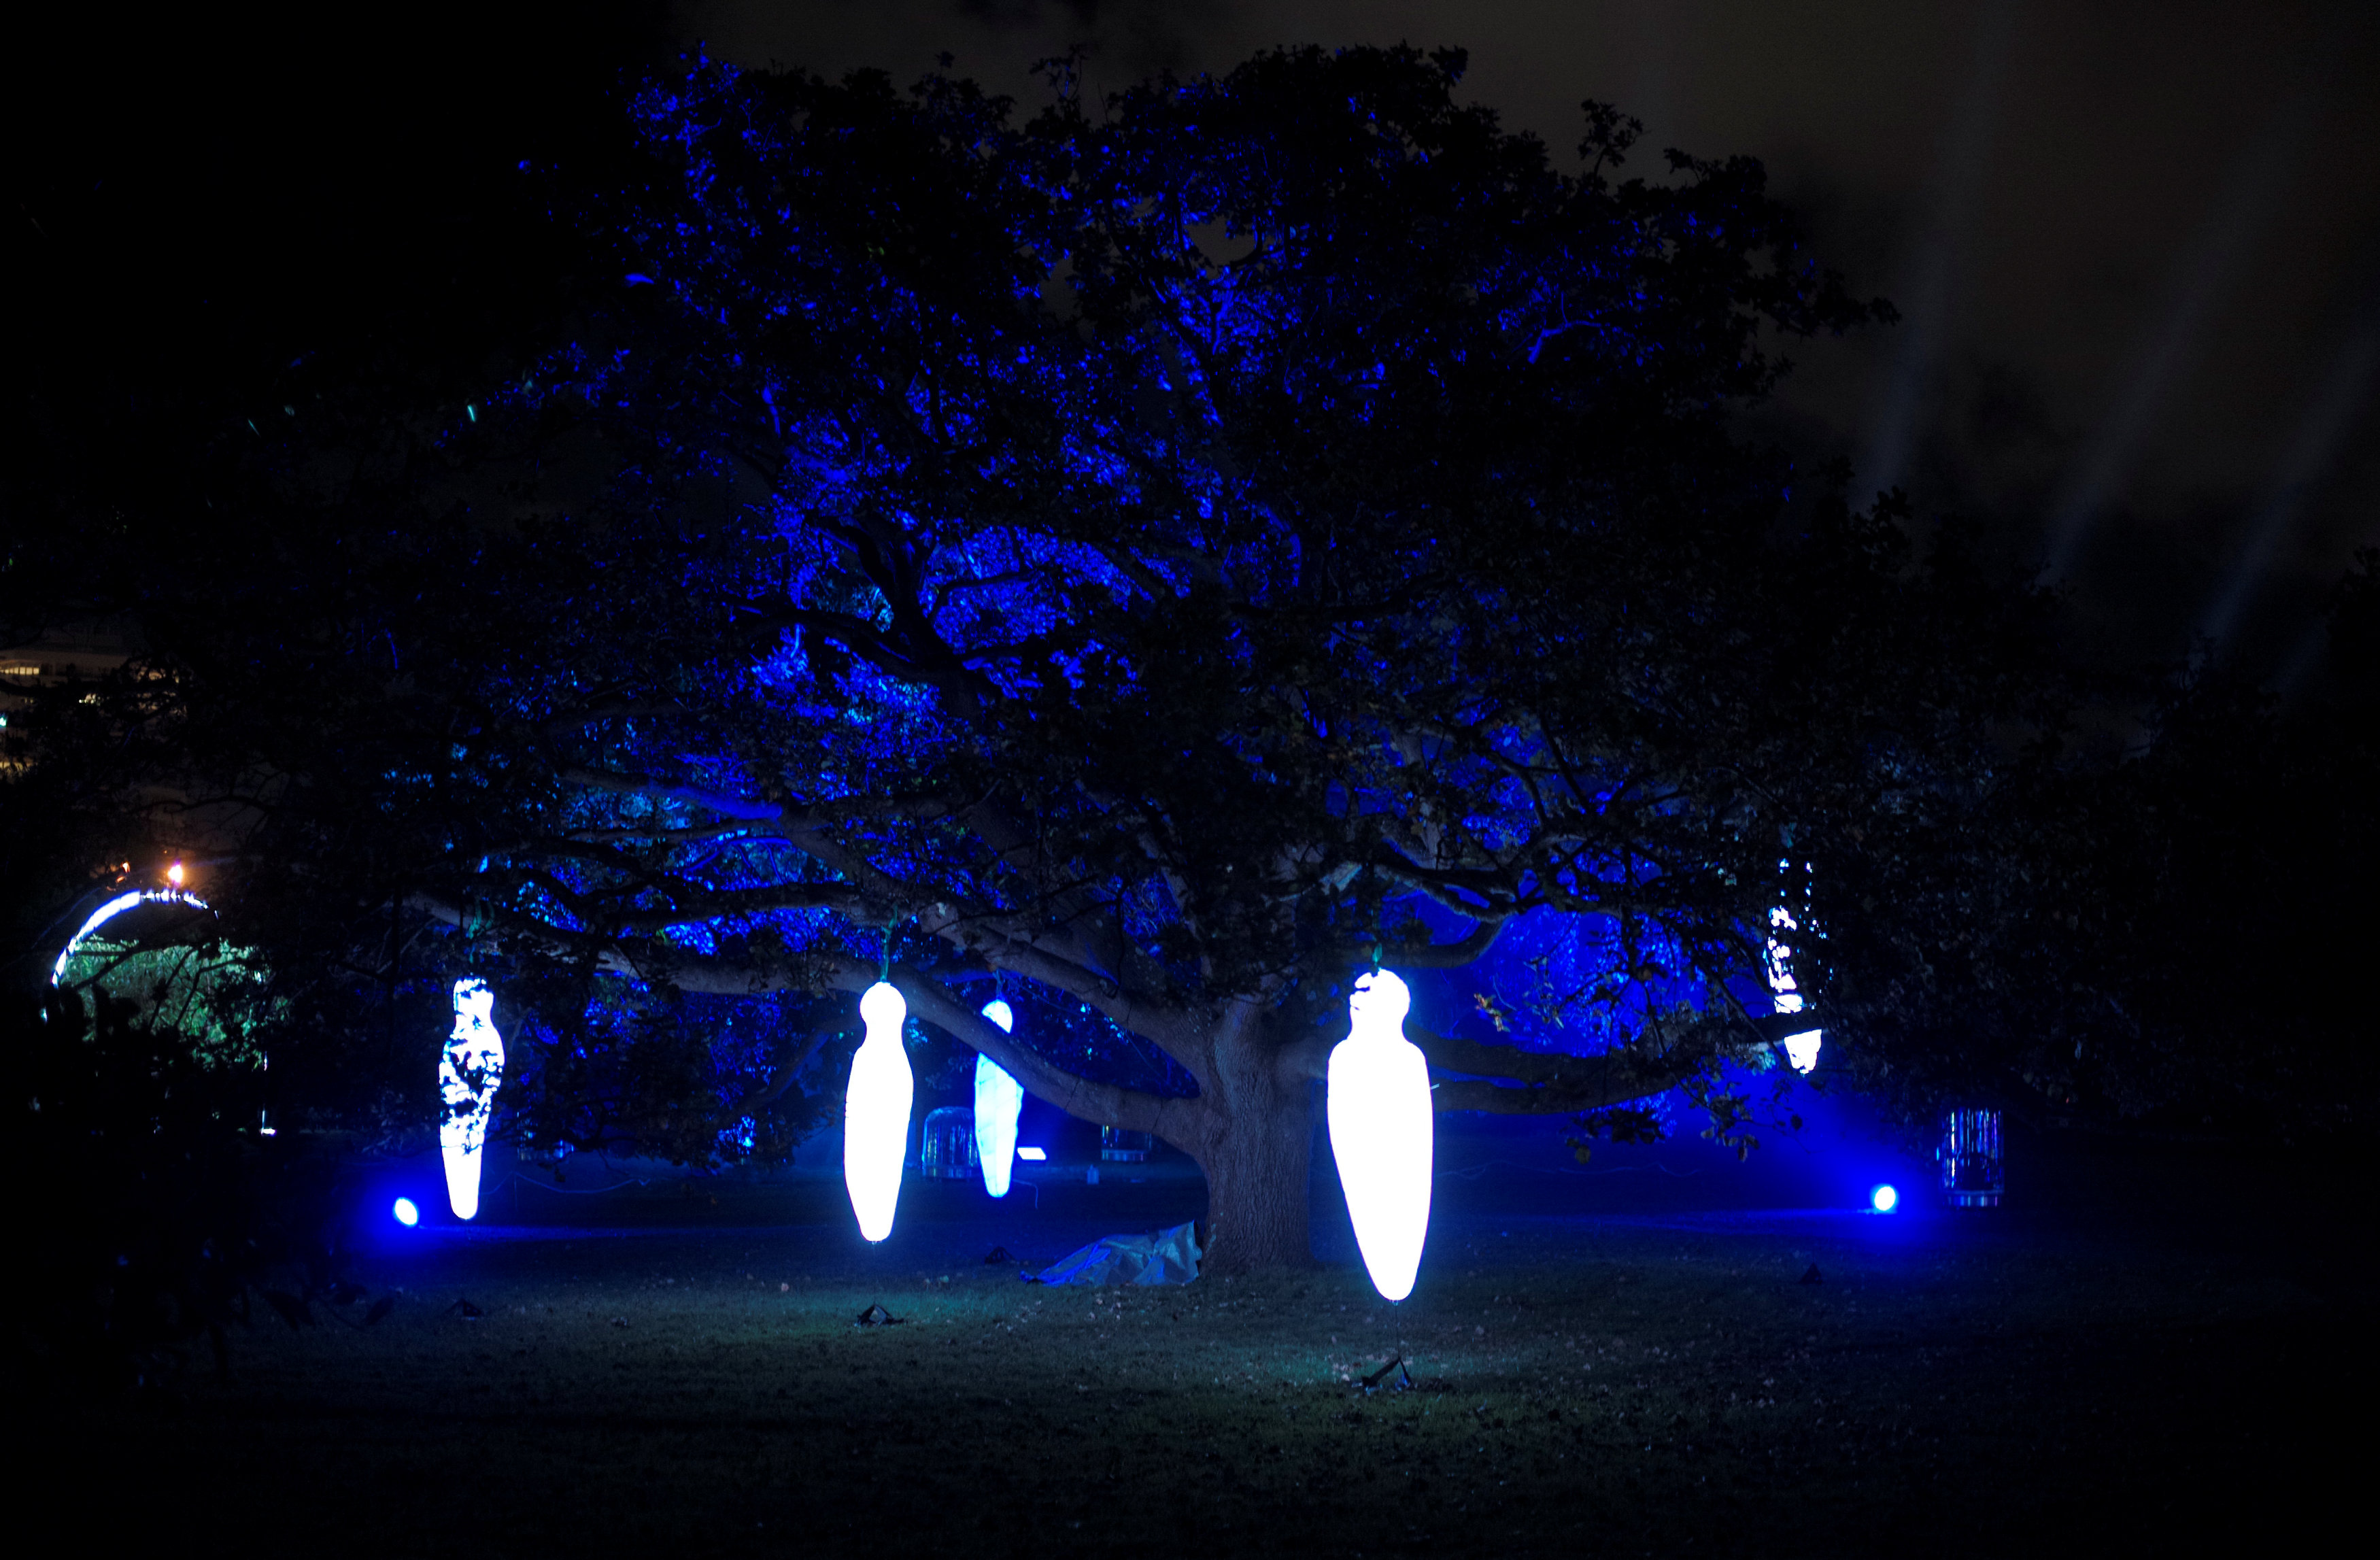 اضاءات خافتة فى قلب الأشجار بمهرجان سيدنى للضوء